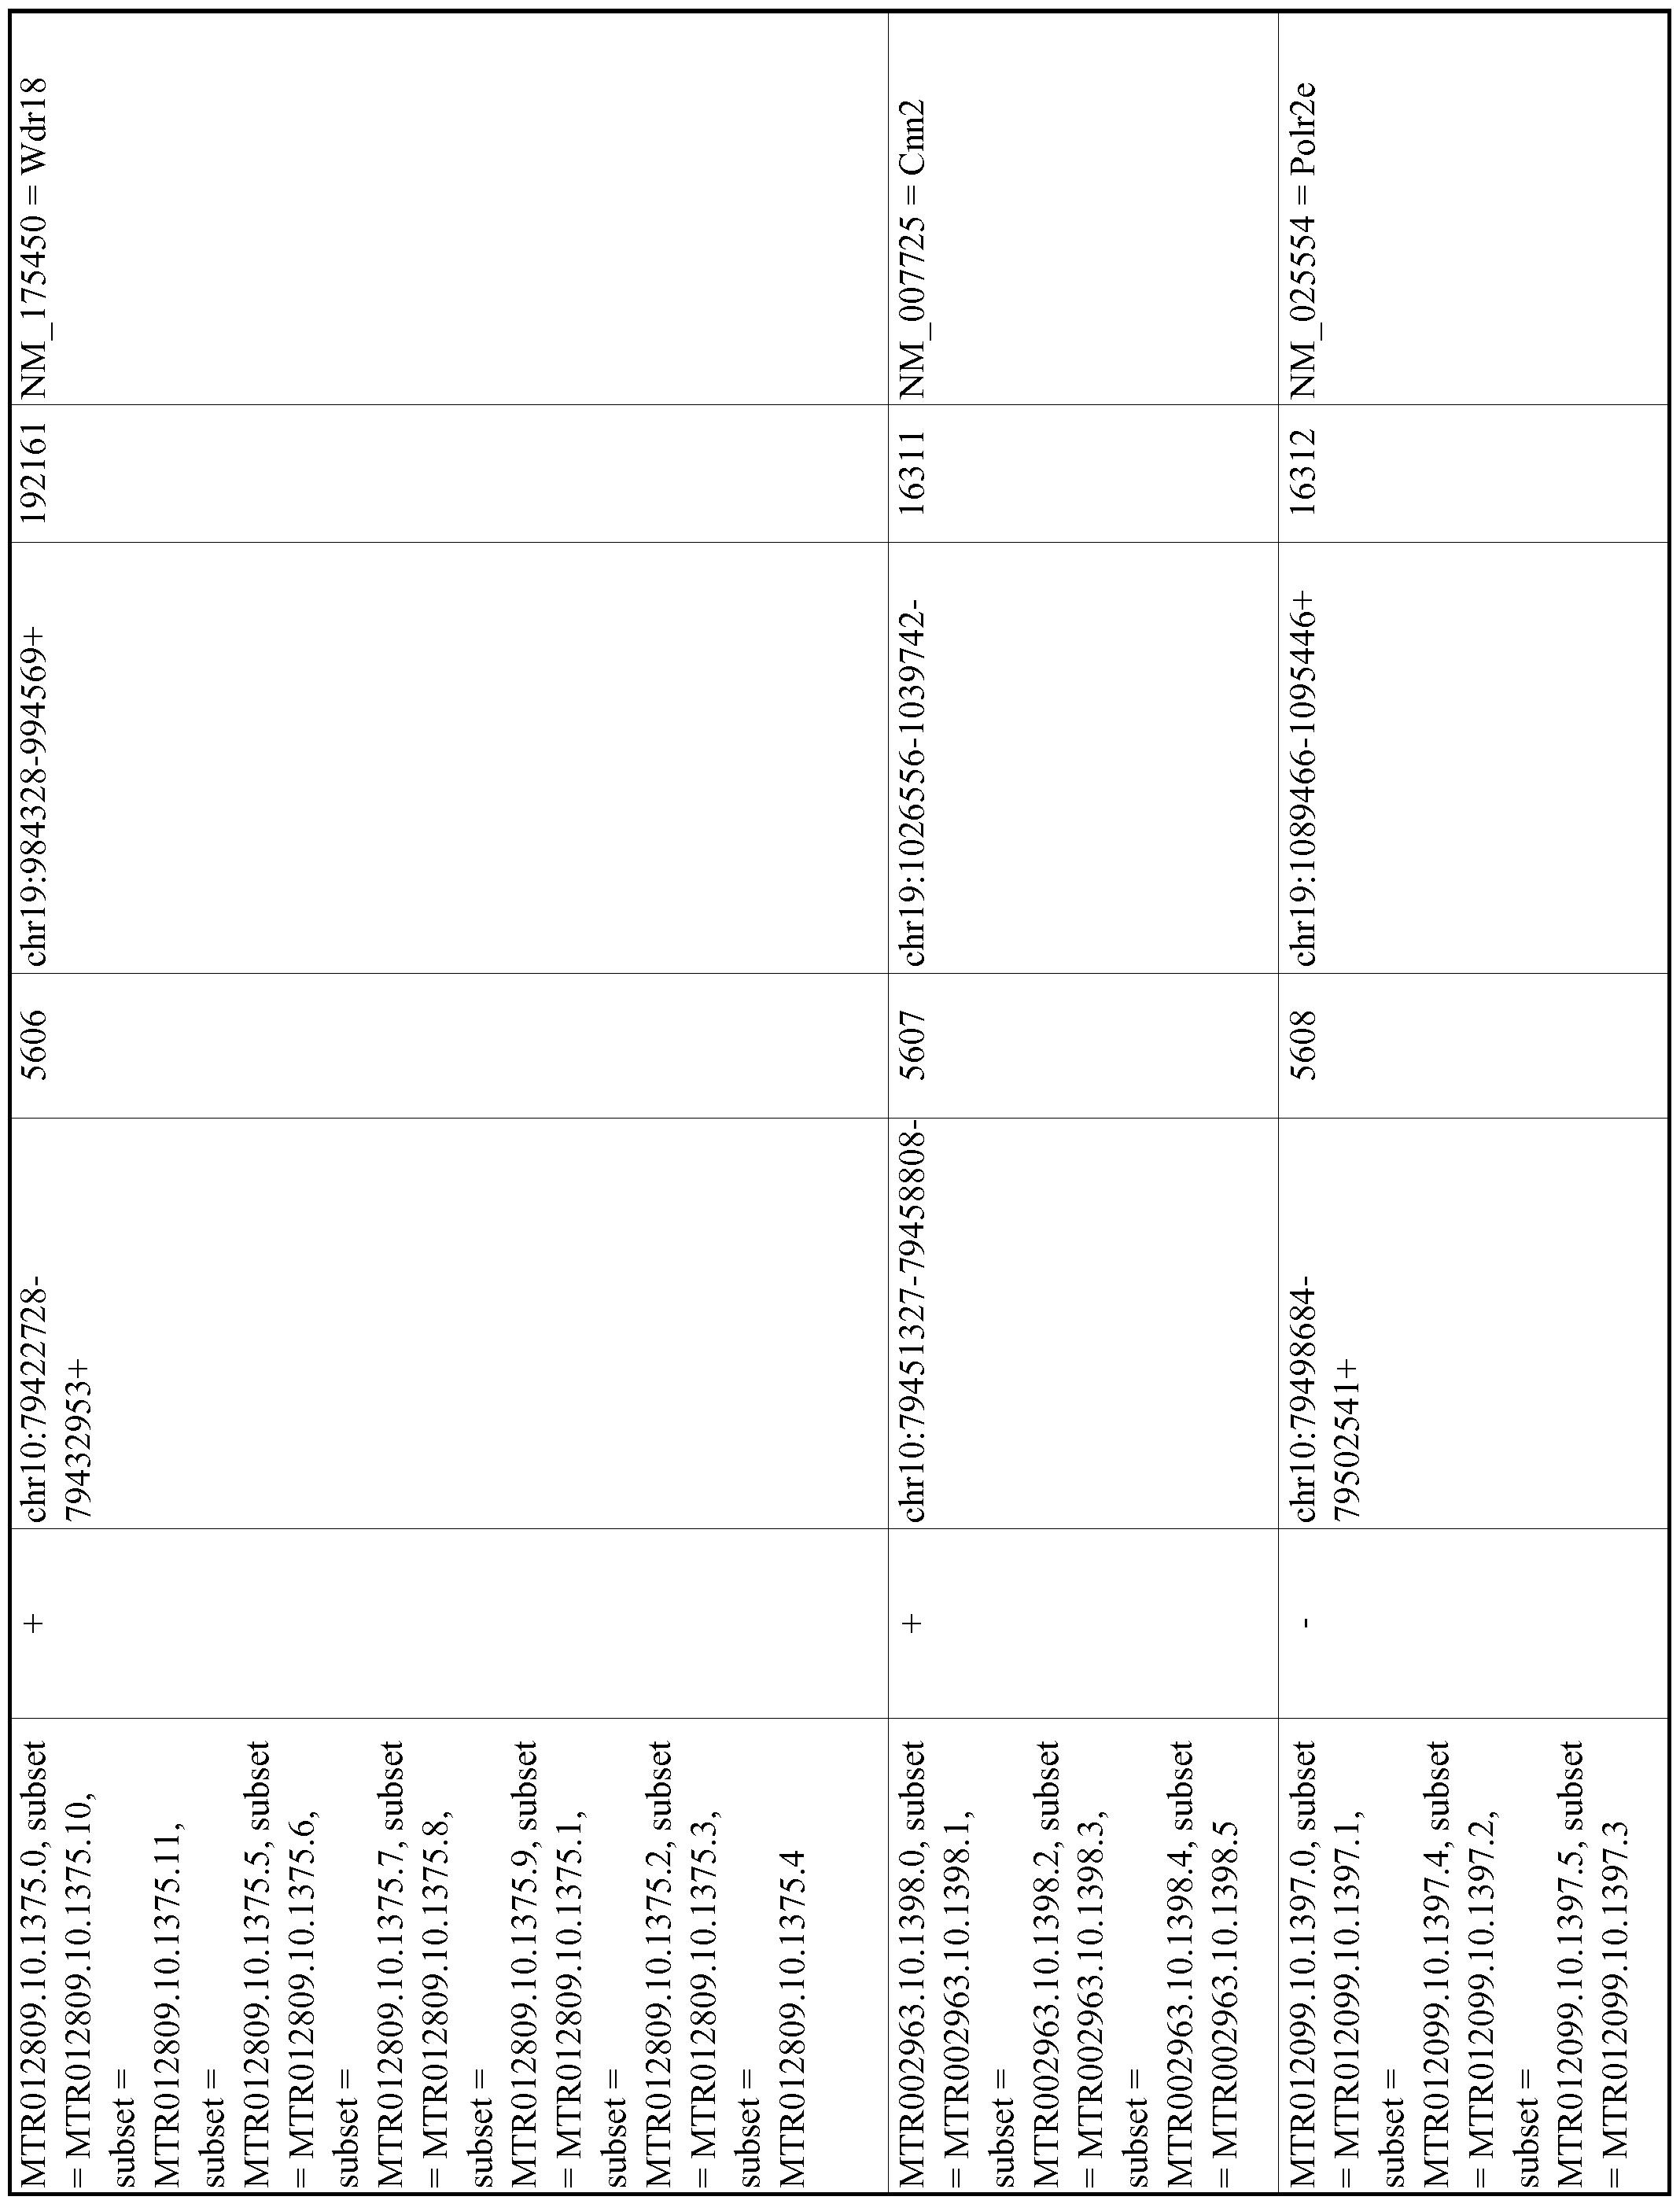 Figure imgf001010_0001